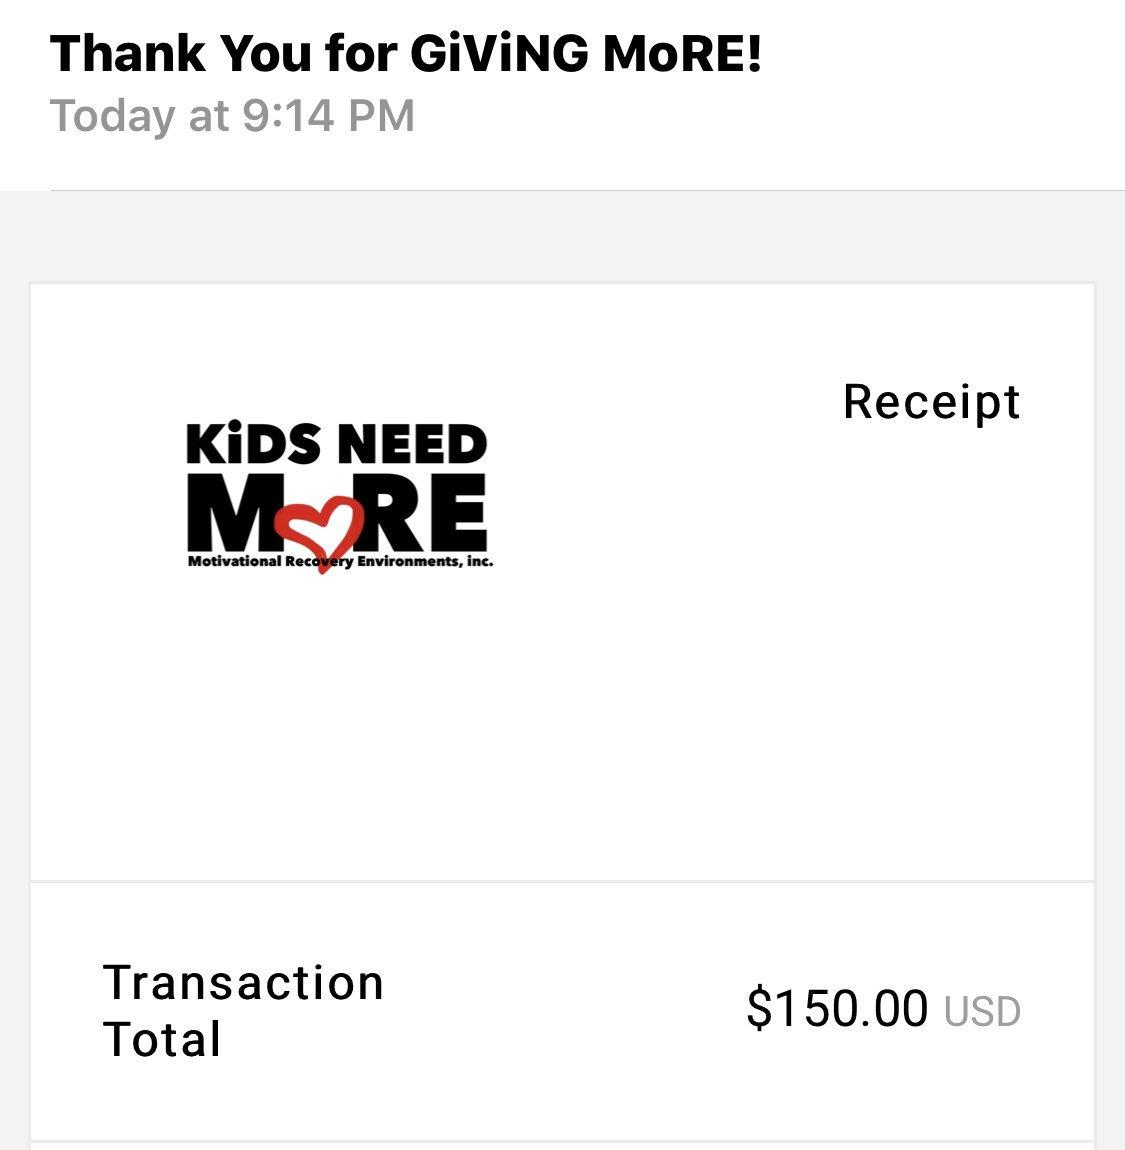 #breaking we have raised $150 for the @kidsneedMOREorg !!!  sndblog #sndpodcast #blog #podcast #sndpodcastchannel #fucancer #kidsneedmore #childhoodcancerawareness #morethan4 ##kidsgetcancertoo pic.twitter.com/zlwMu3VqsB